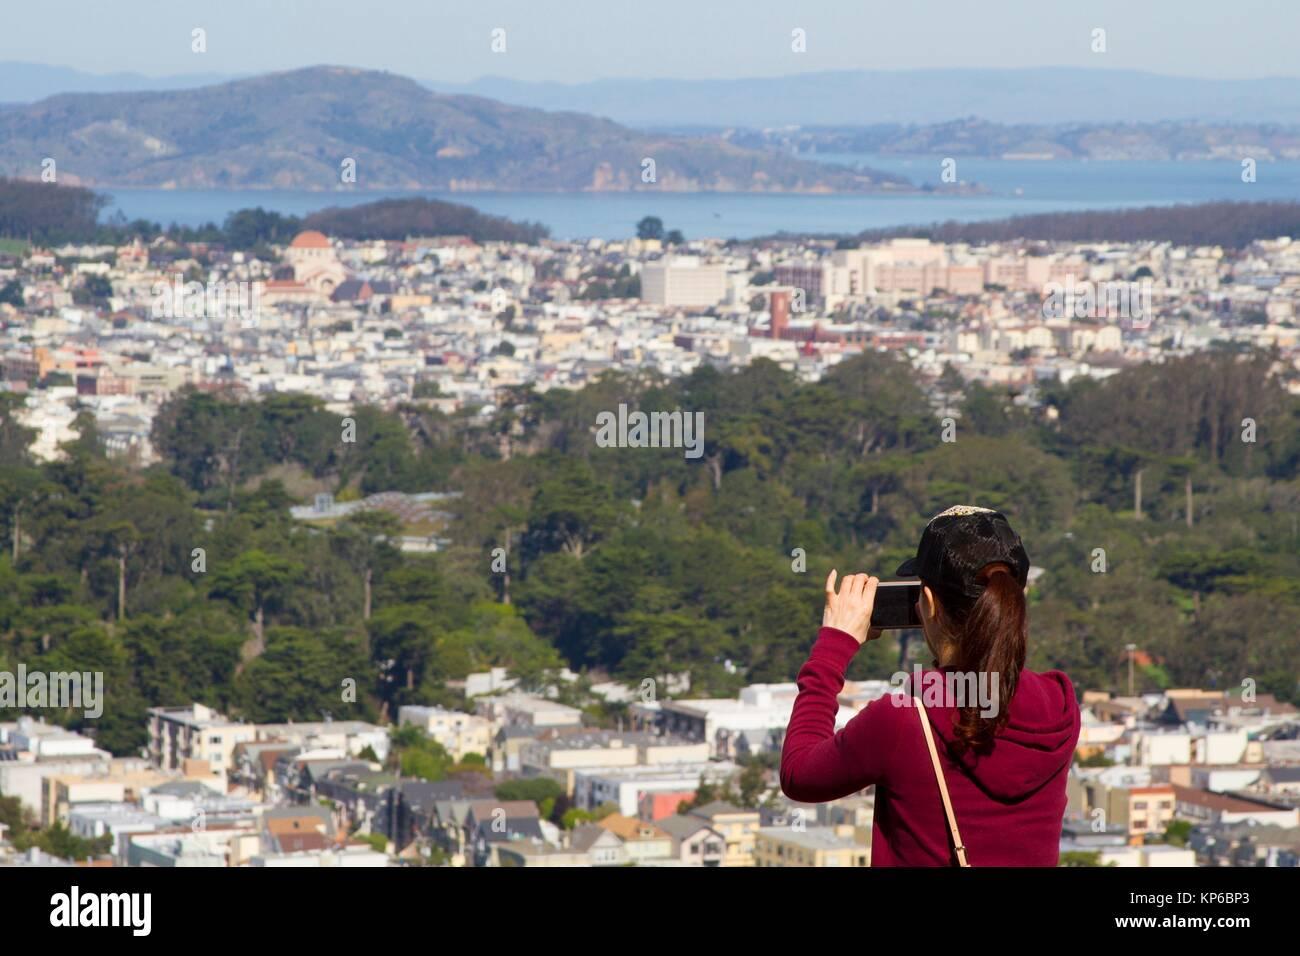 Kaukasische weibliche Touristen mit einer Baseball Cap und pferdeschwanz ein Foto mit Ihrem Handy auf die Skyline, Stockbild